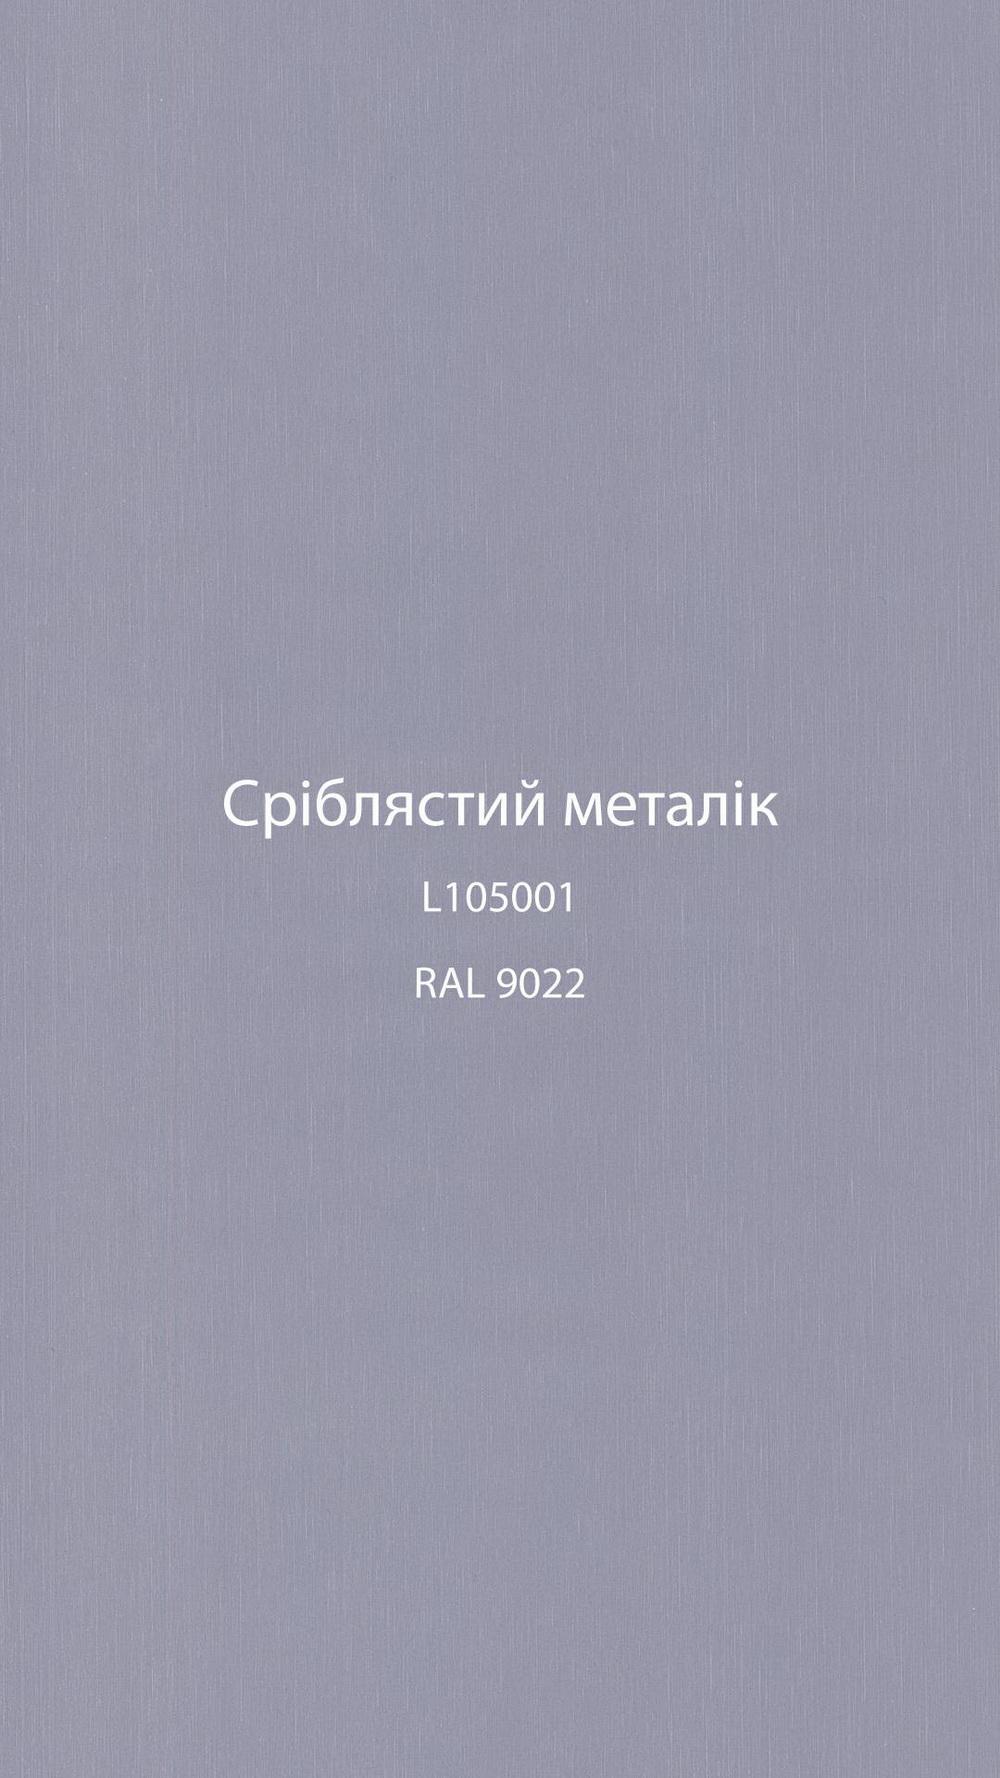 Сріблястий металік - колір ламінації профілів заводу EKIPAZH